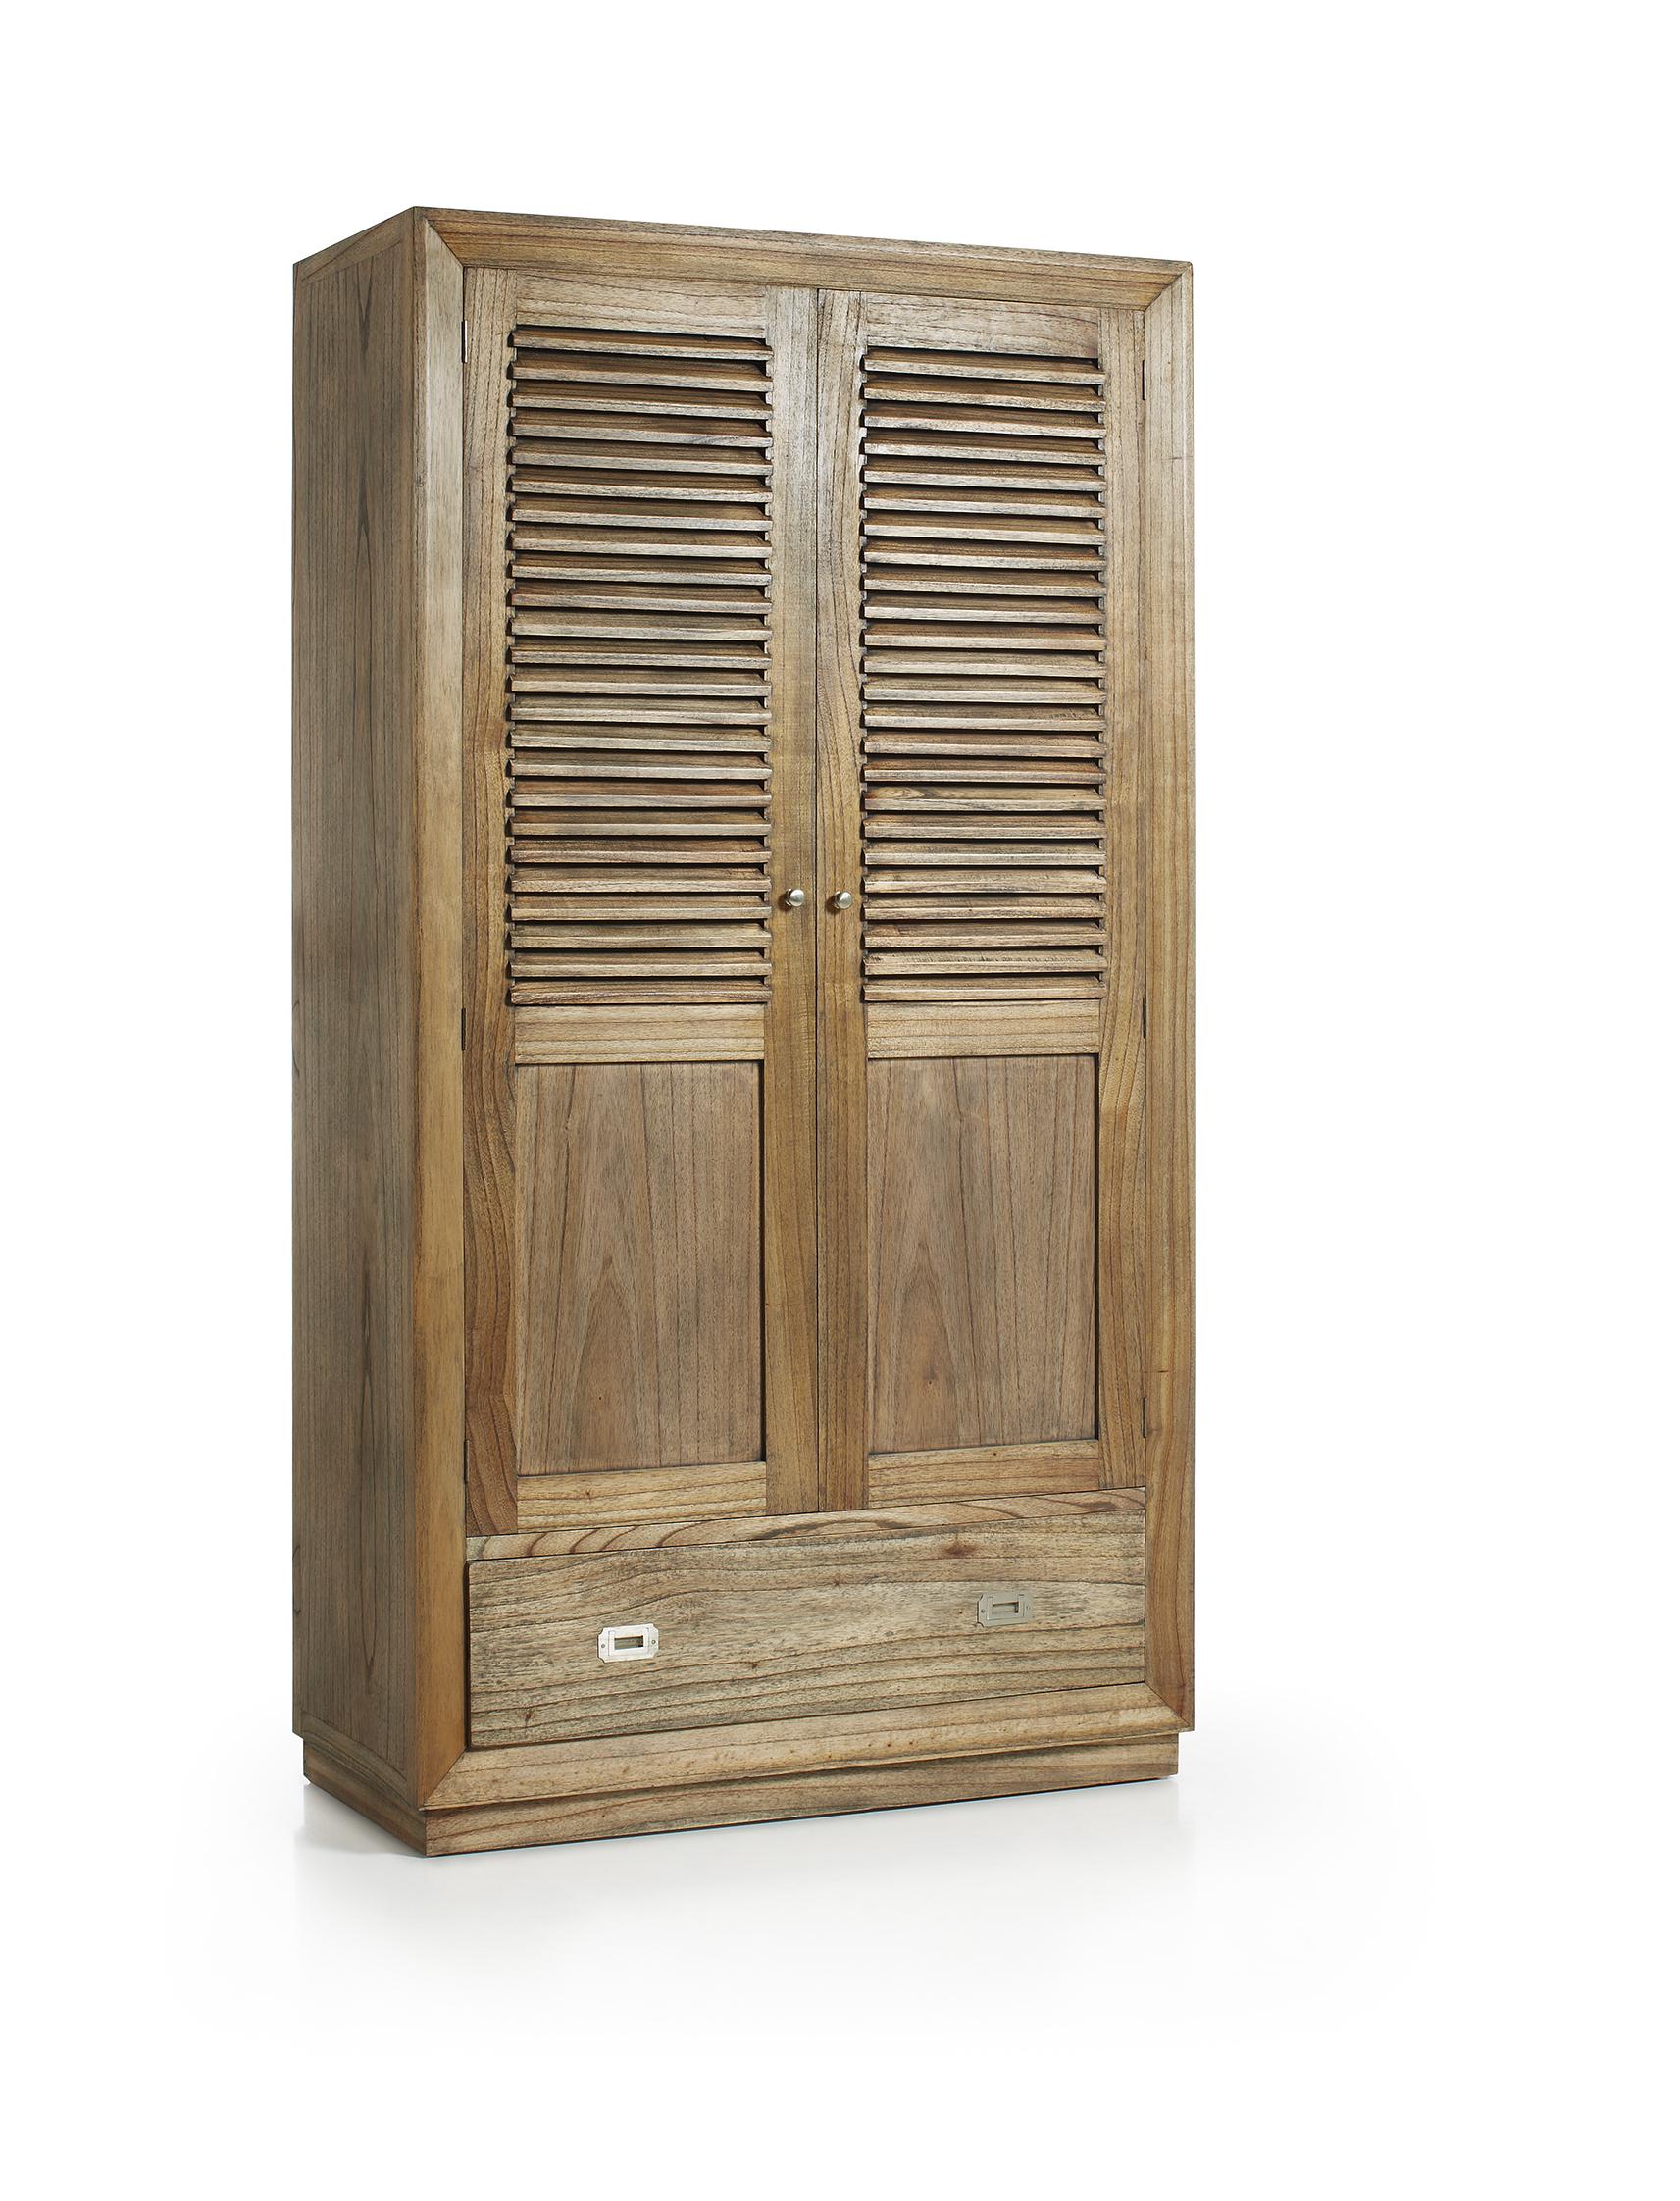 Armoire De Chambre Avec Penderie armoire de chambre avec penderie, en bois de mindy, collection ronja